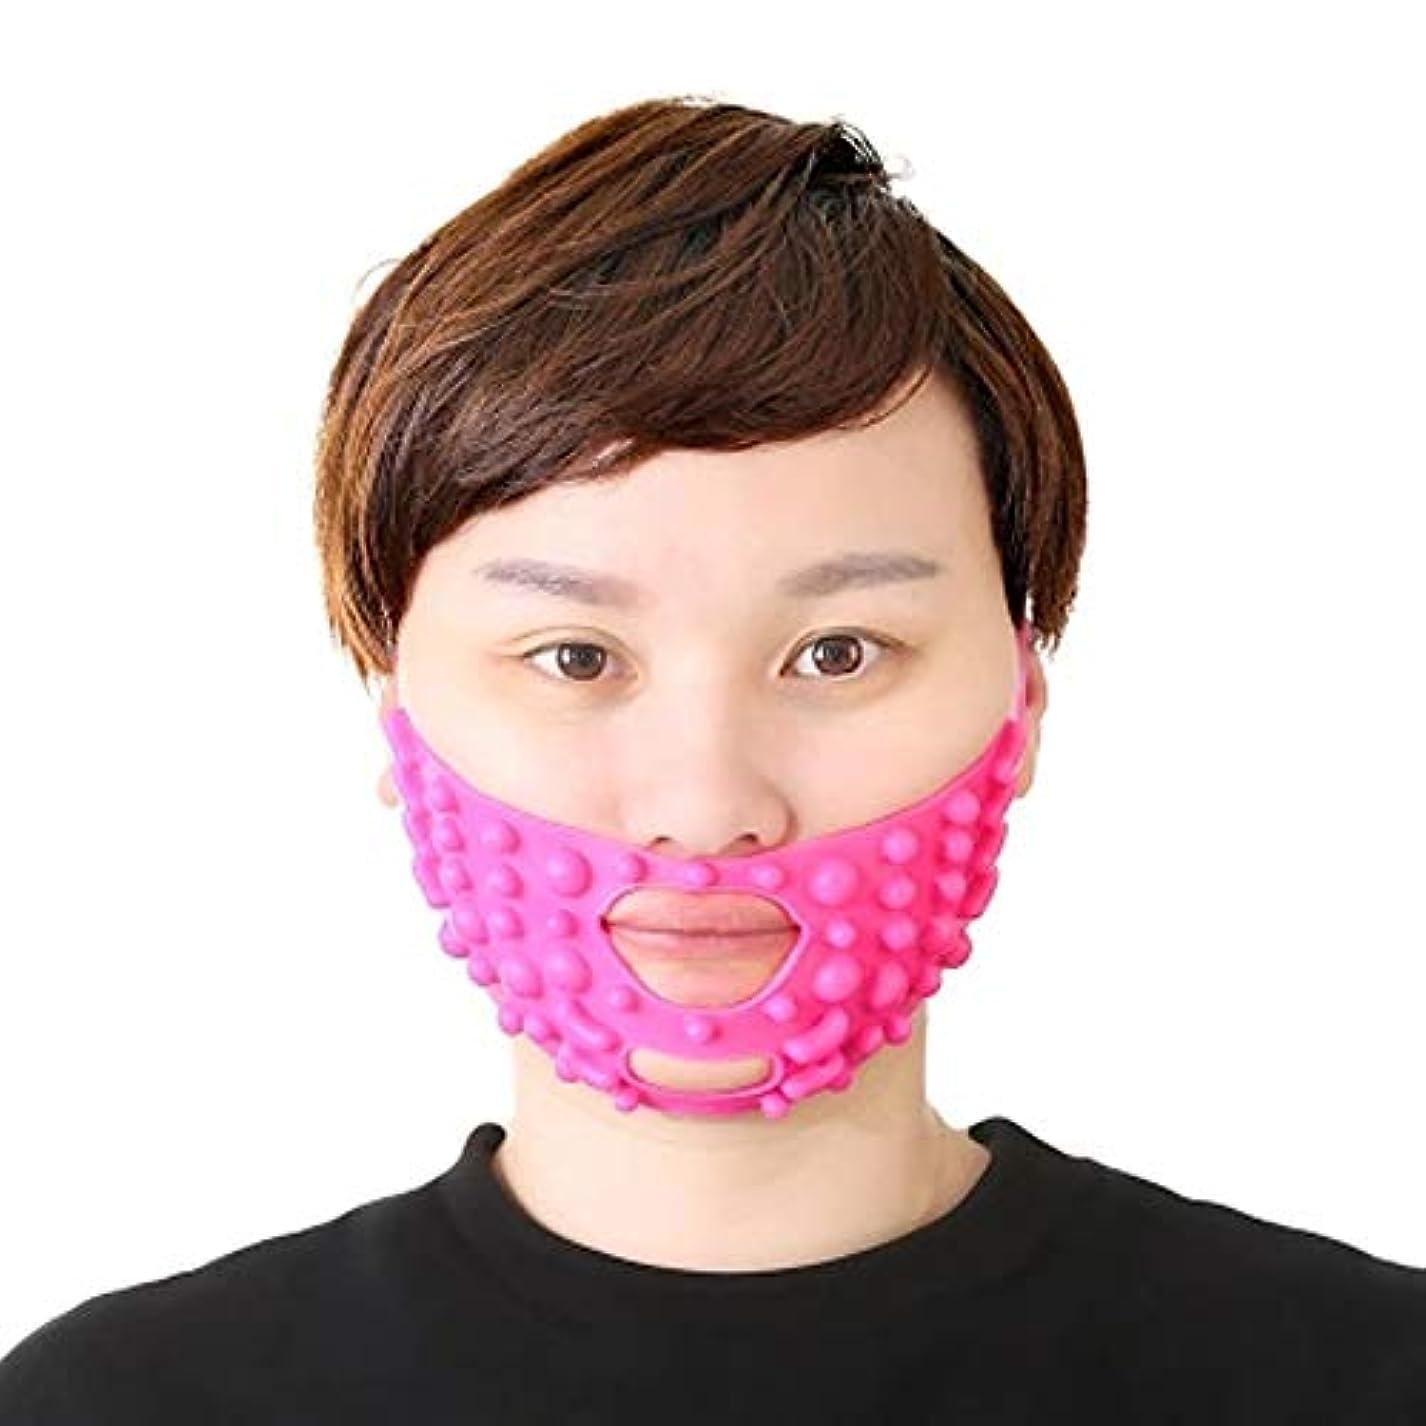 かりて祈るシャーダブルの顎のストラップ、顔のマッサージの包帯を持ち上げて持ち上げて小さなVフェイスのマスク薄い顔の人工物